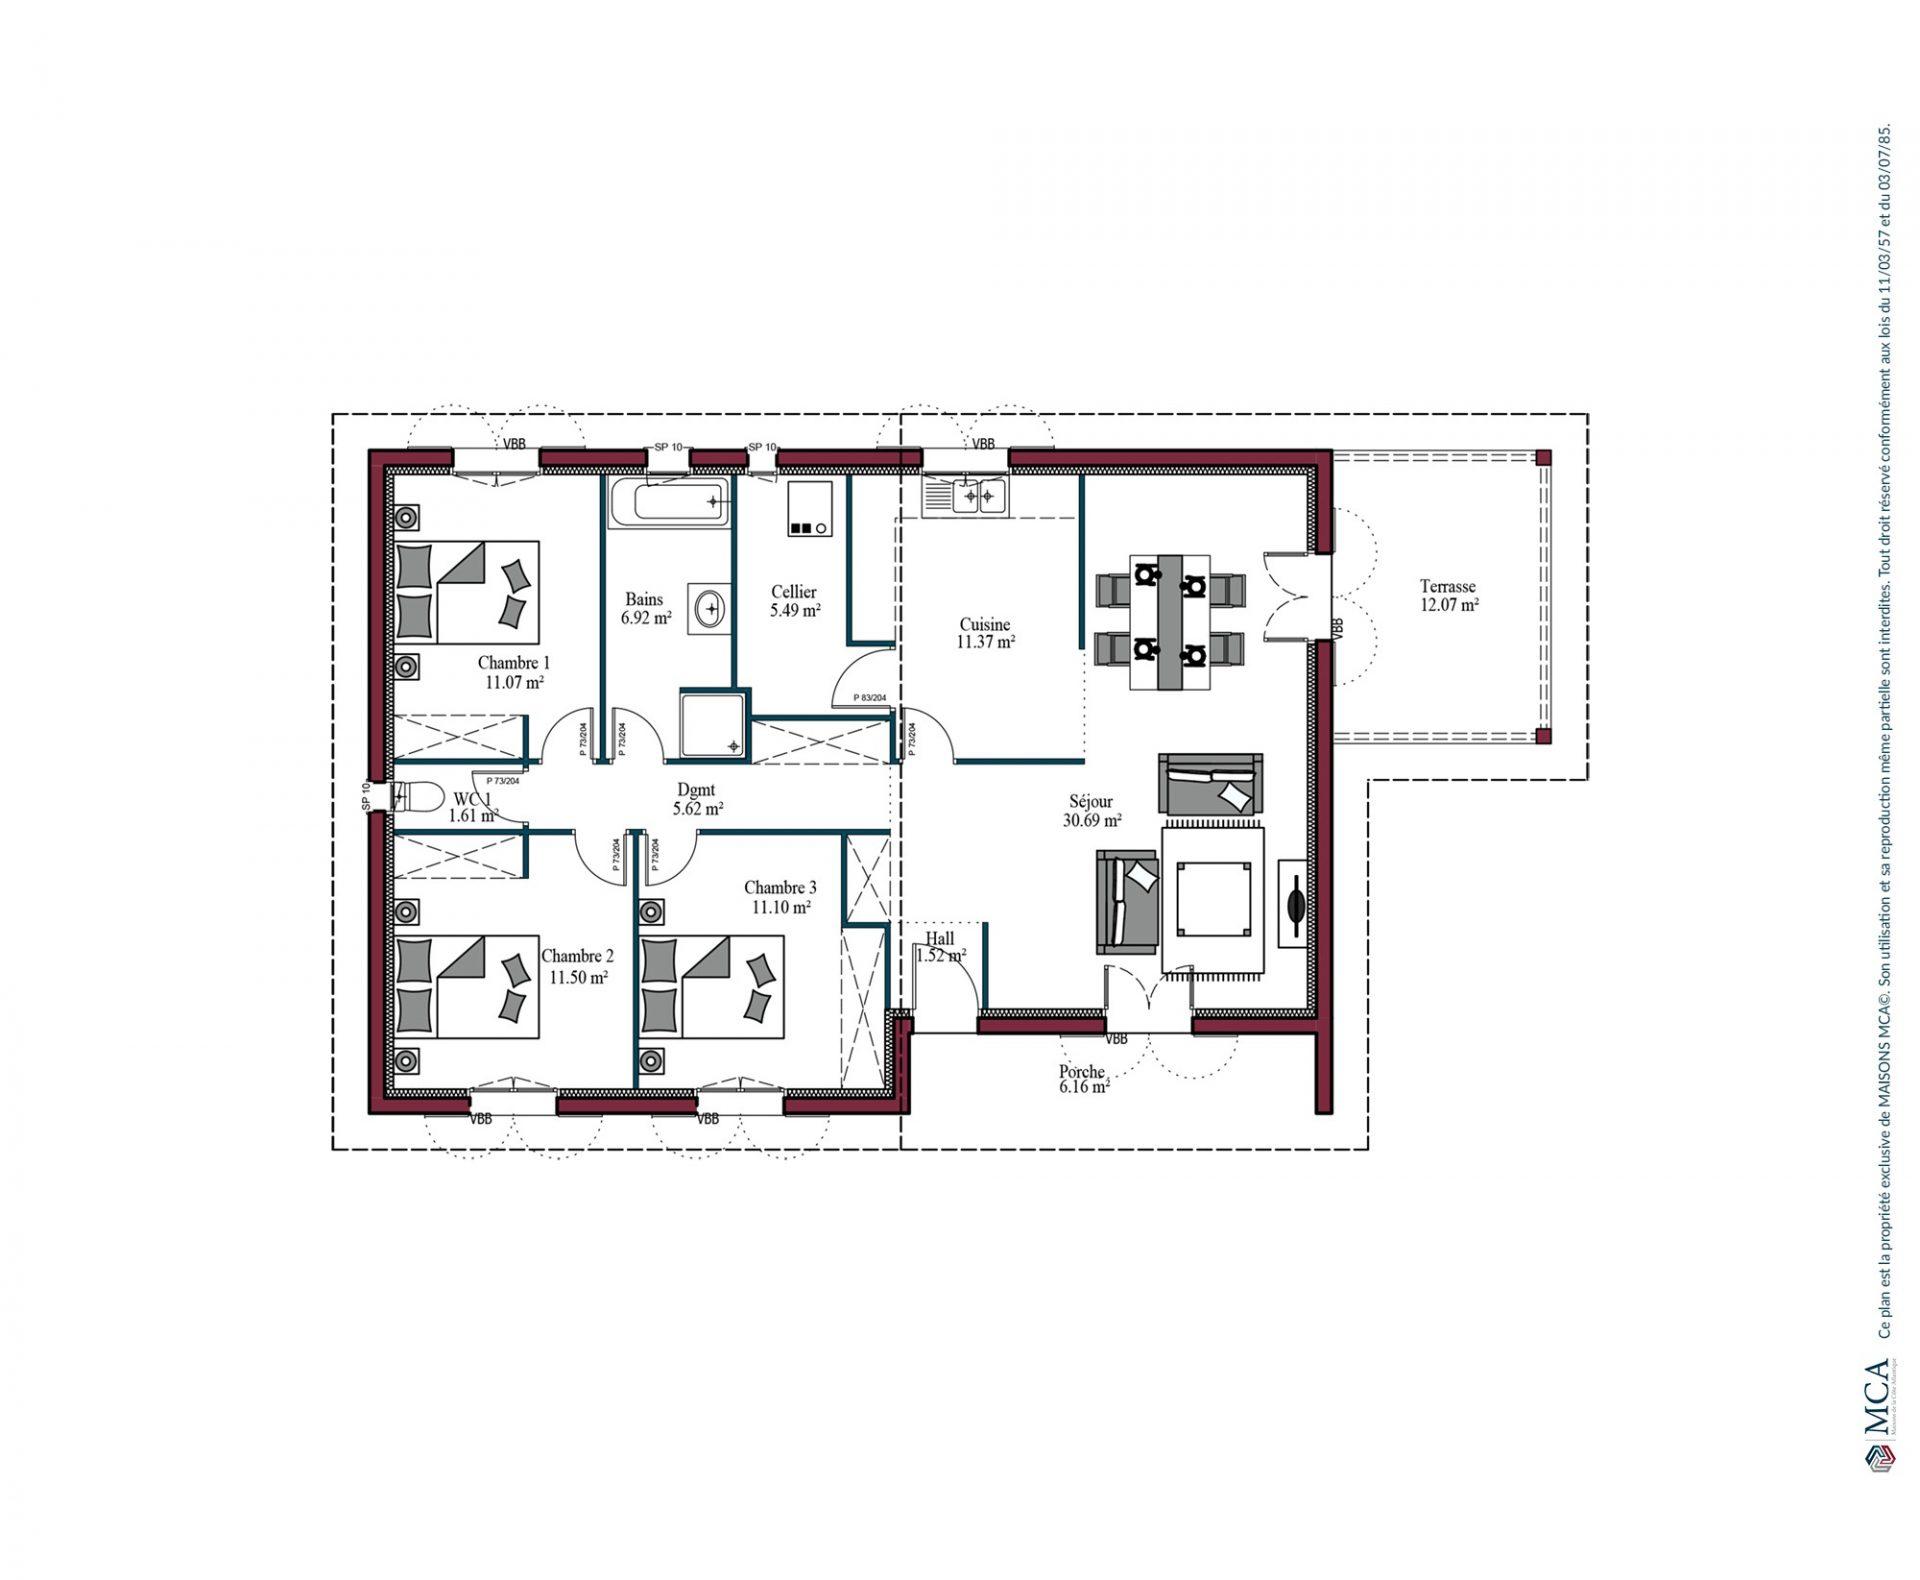 Plan Aintza | 96 m²